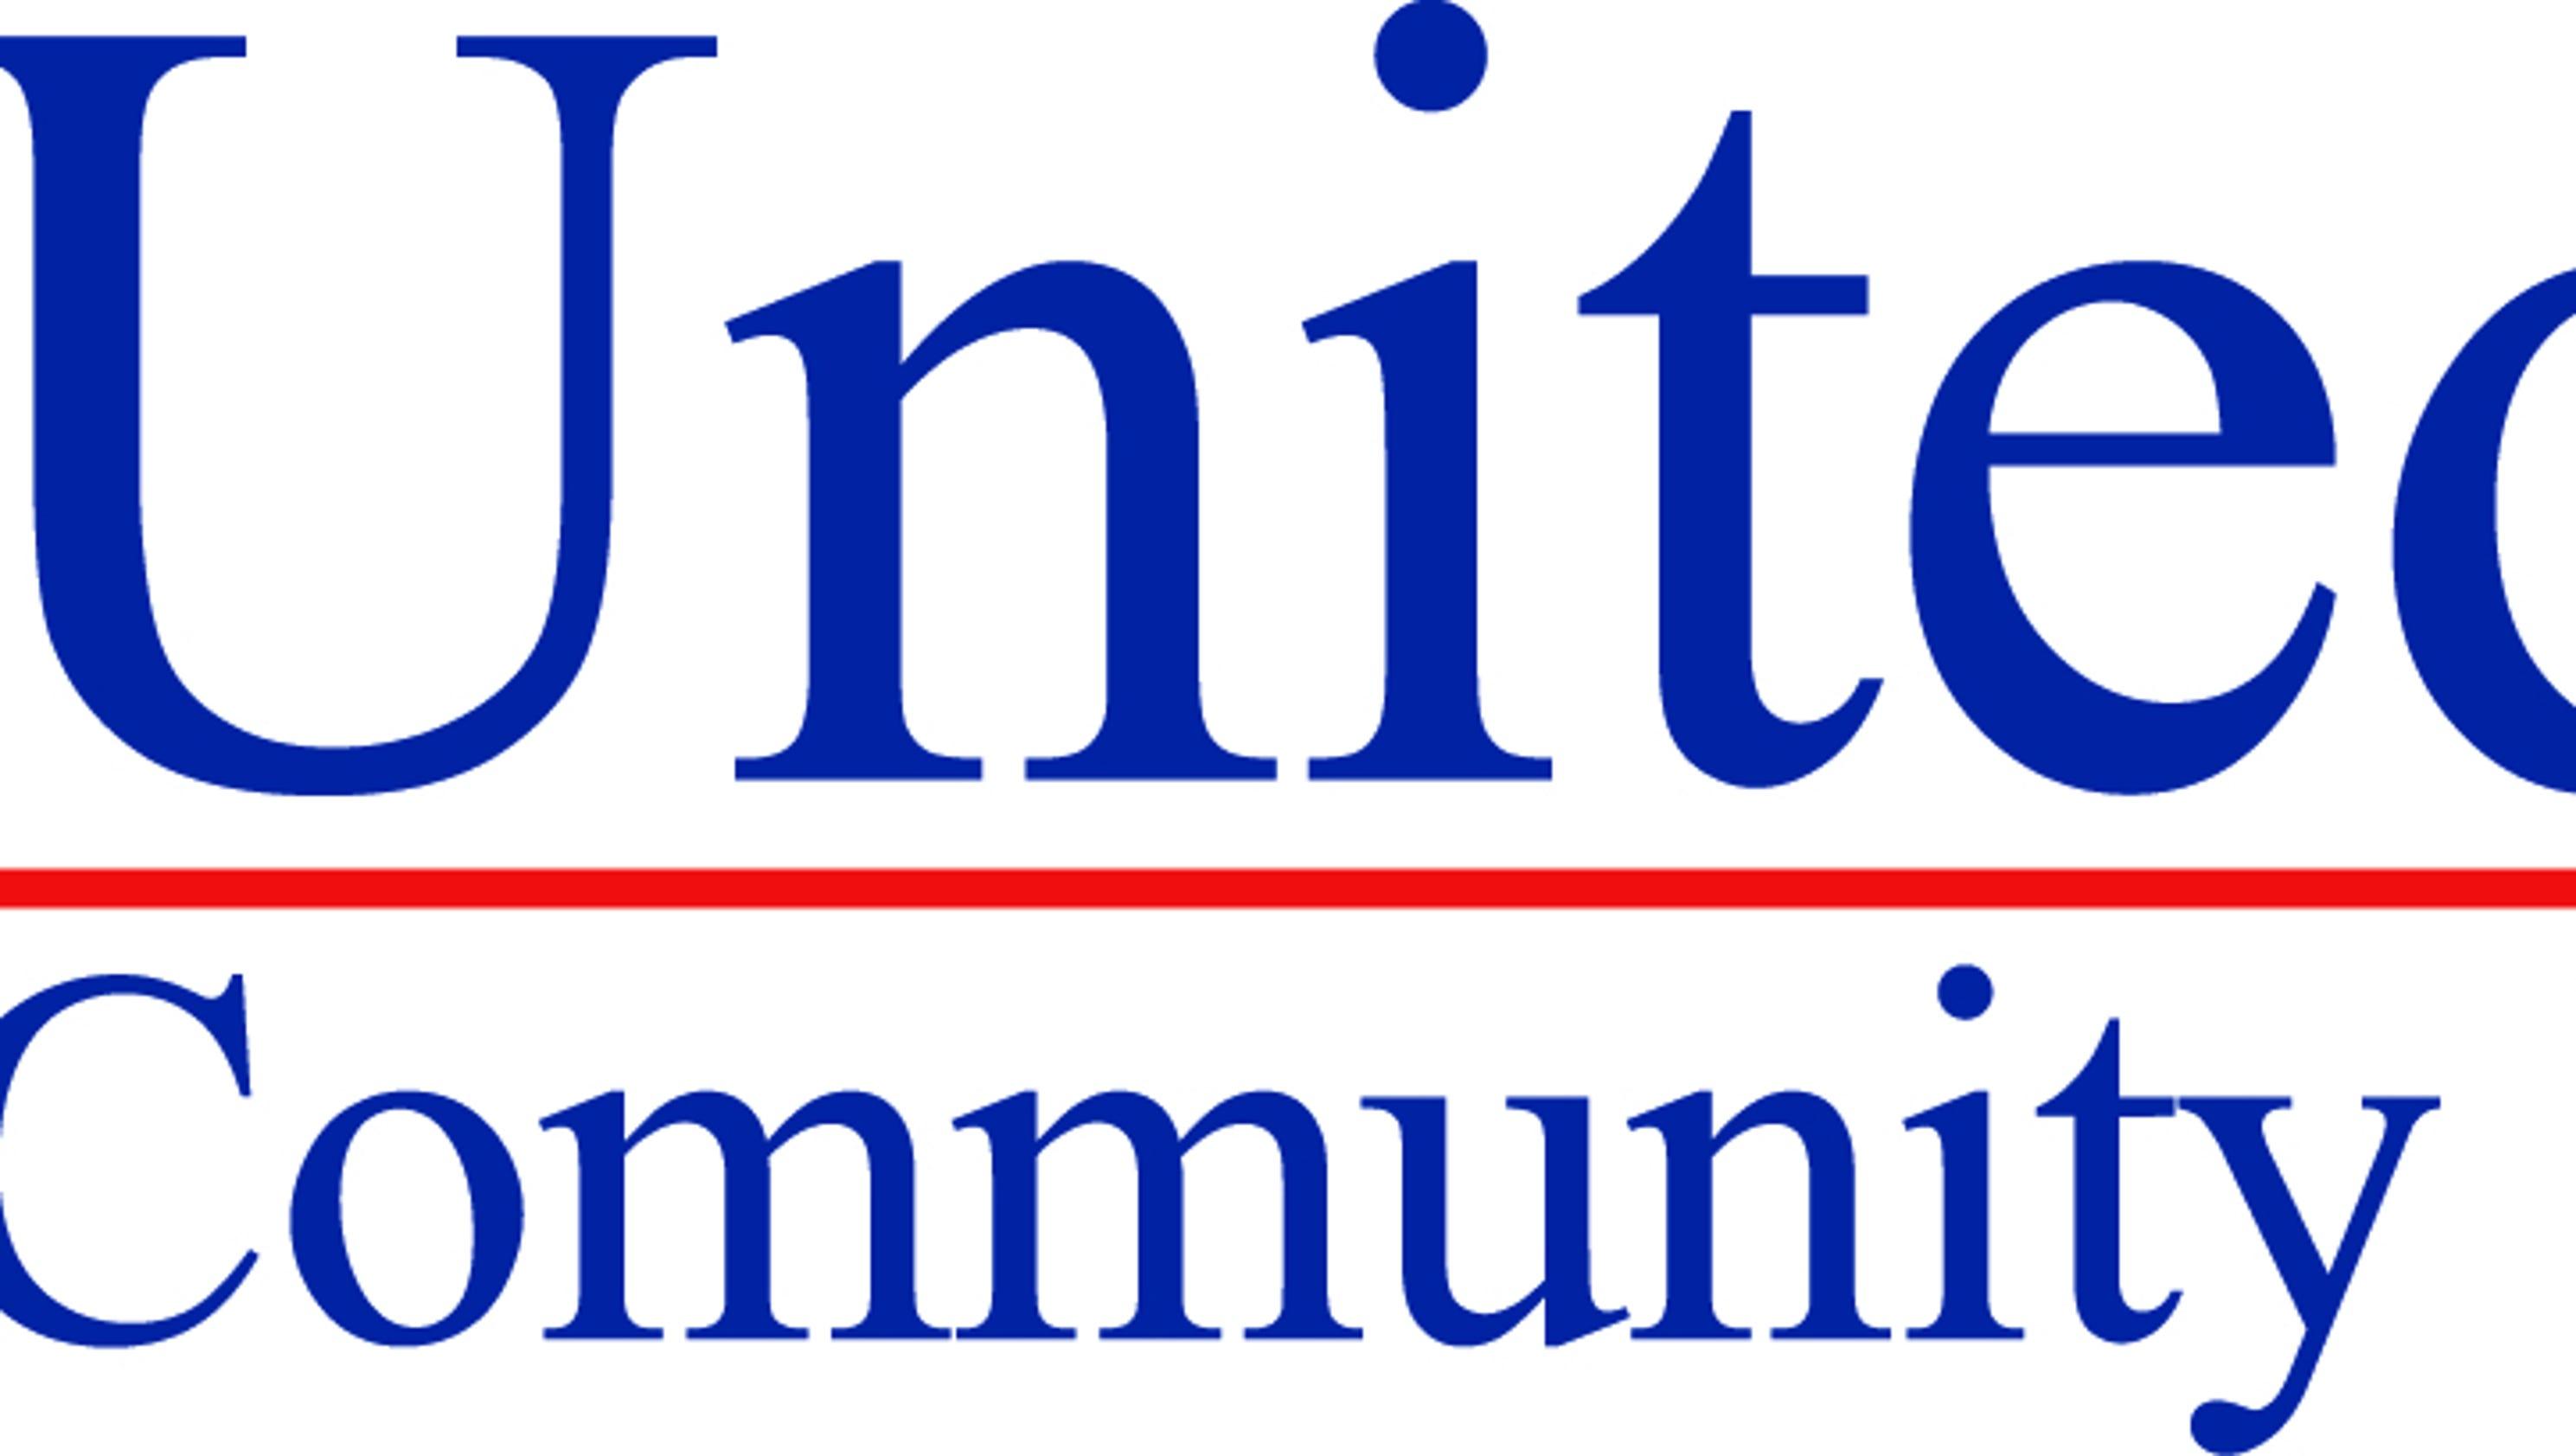 https://www.gannett-cdn.com/-mm-/39d3d61b66877f5b1328b320a78a28dea2fbc4a4/c=362-0-1084-408&r=x1683&c=3200x1680/local/-/media/2017/07/30/CarolinaGroup/Greenville/636370056200076606-UCB-Logo---CMYK.JPG Fbc